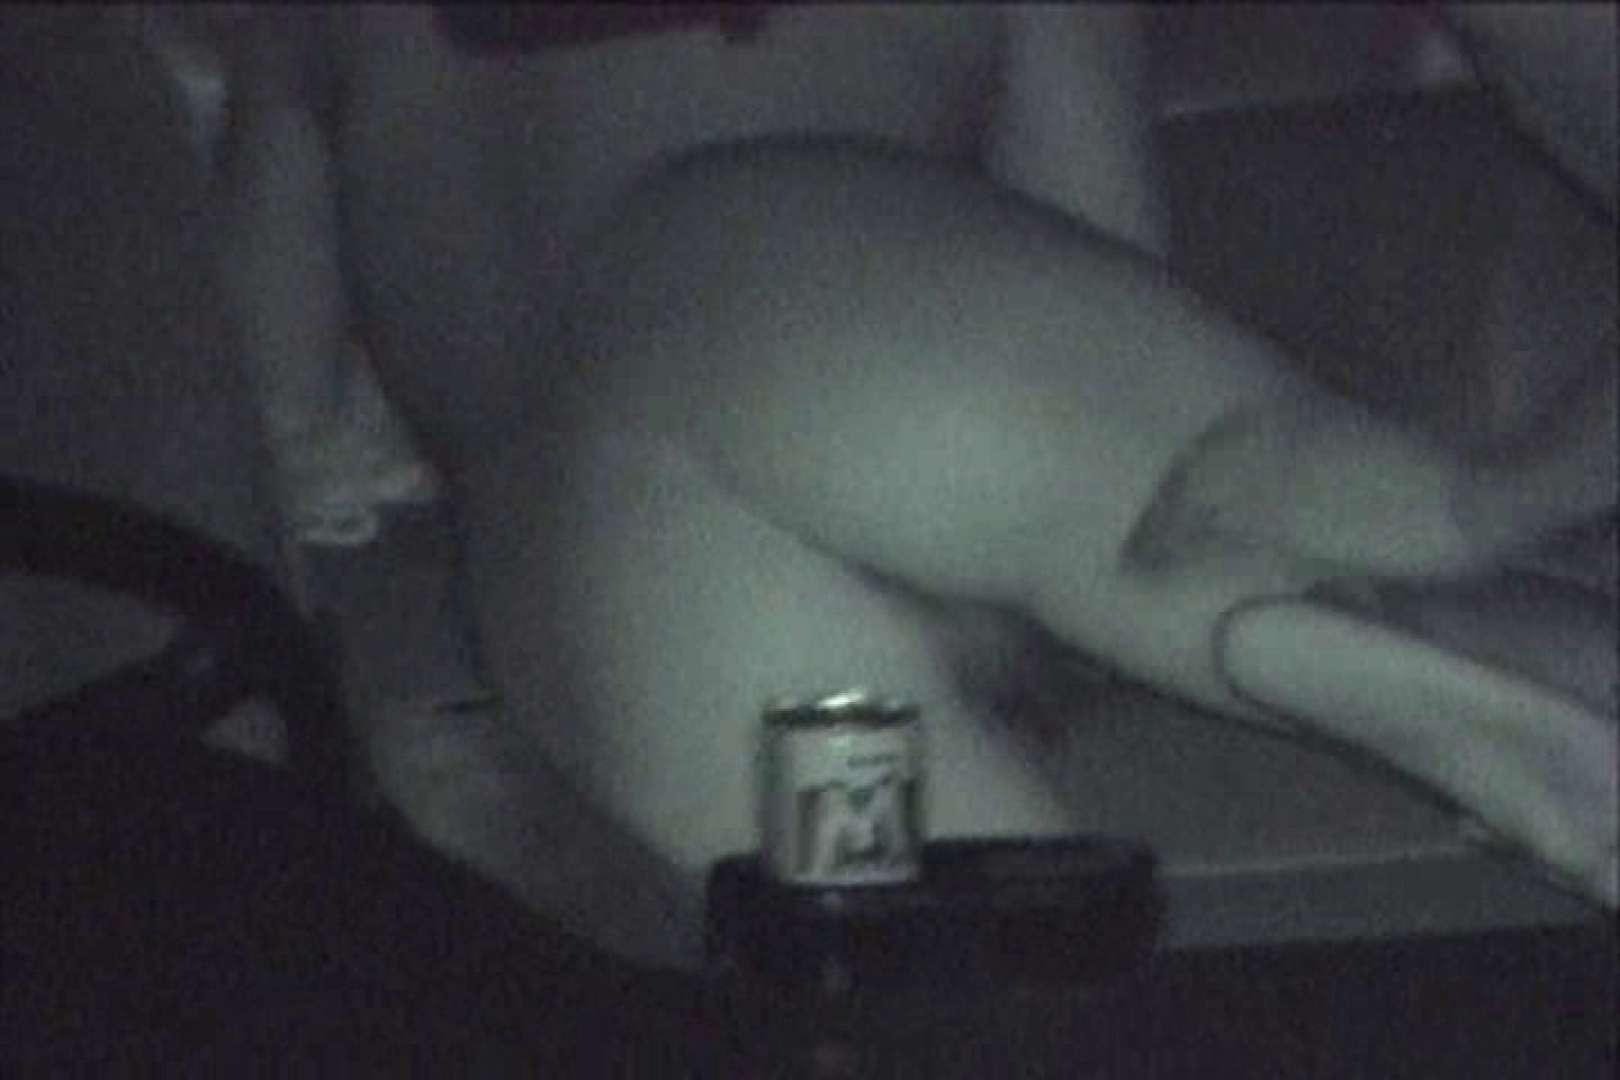 車の中はラブホテル 無修正版  Vol.21 赤外線 盗撮ワレメ無修正動画無料 109画像 83